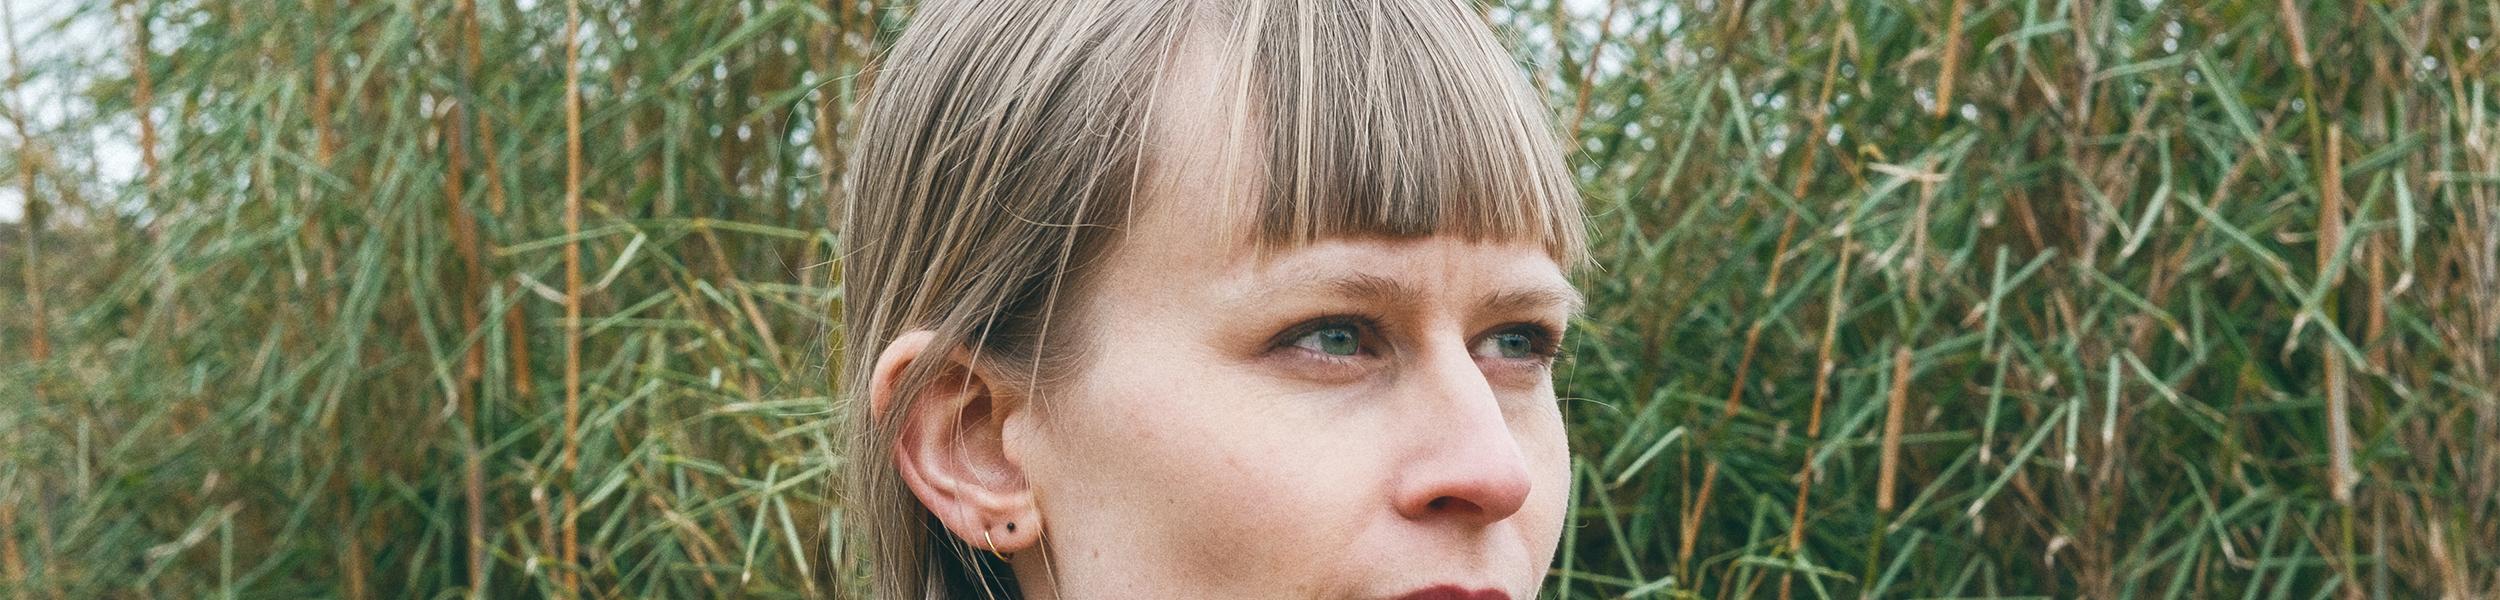 Jenny Hval - title